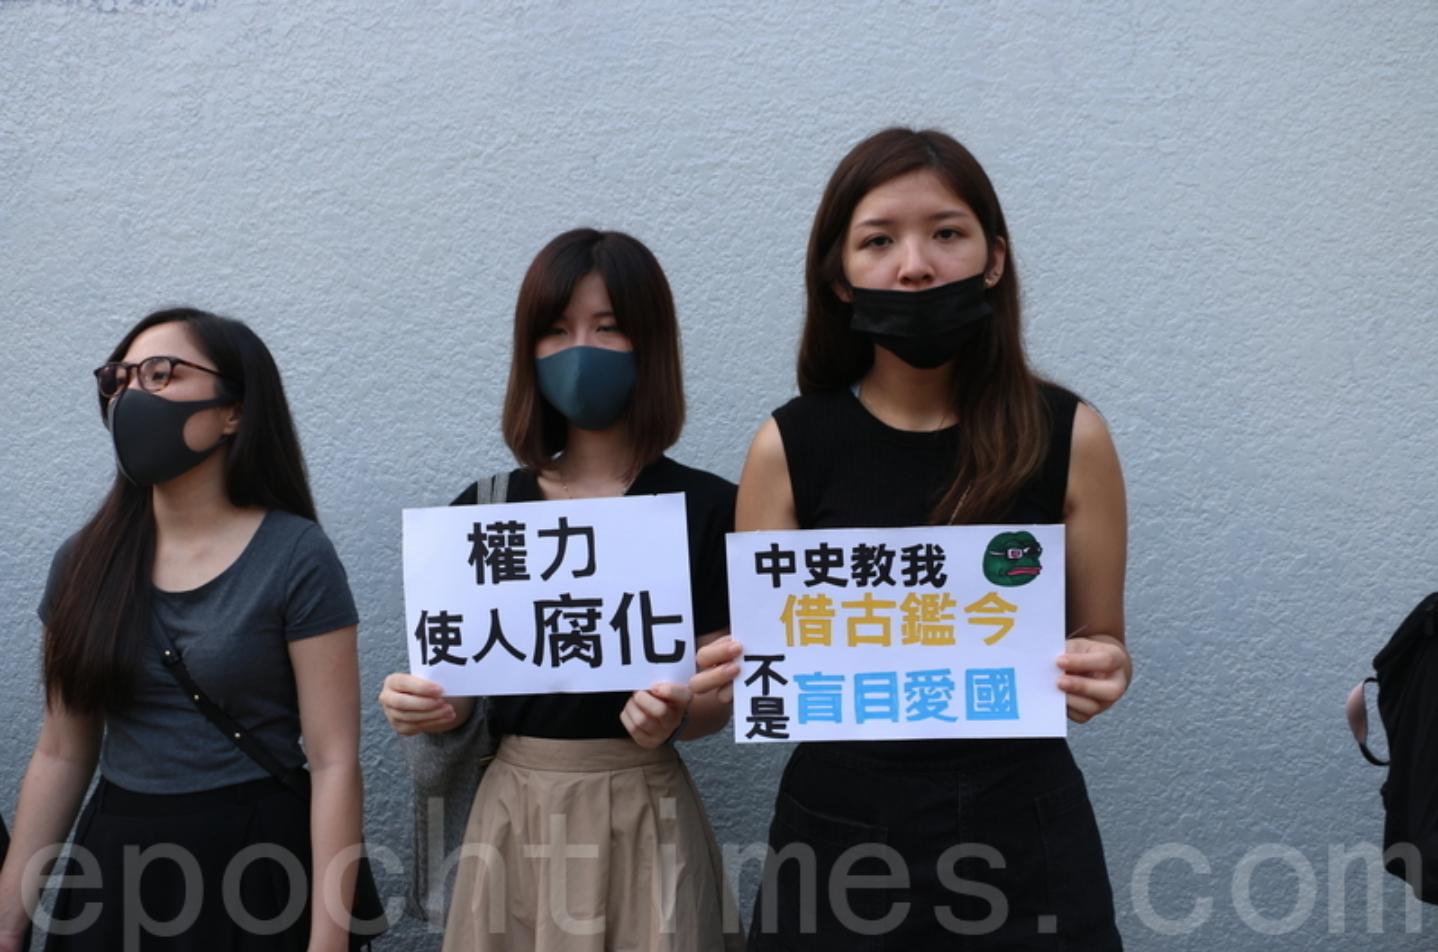 在皇仁書院校門外,超過兩百名的學生及舊生手拖手組成人鏈,呼籲「五大訴求,缺一不可」。(葉依帆 / 大紀元)